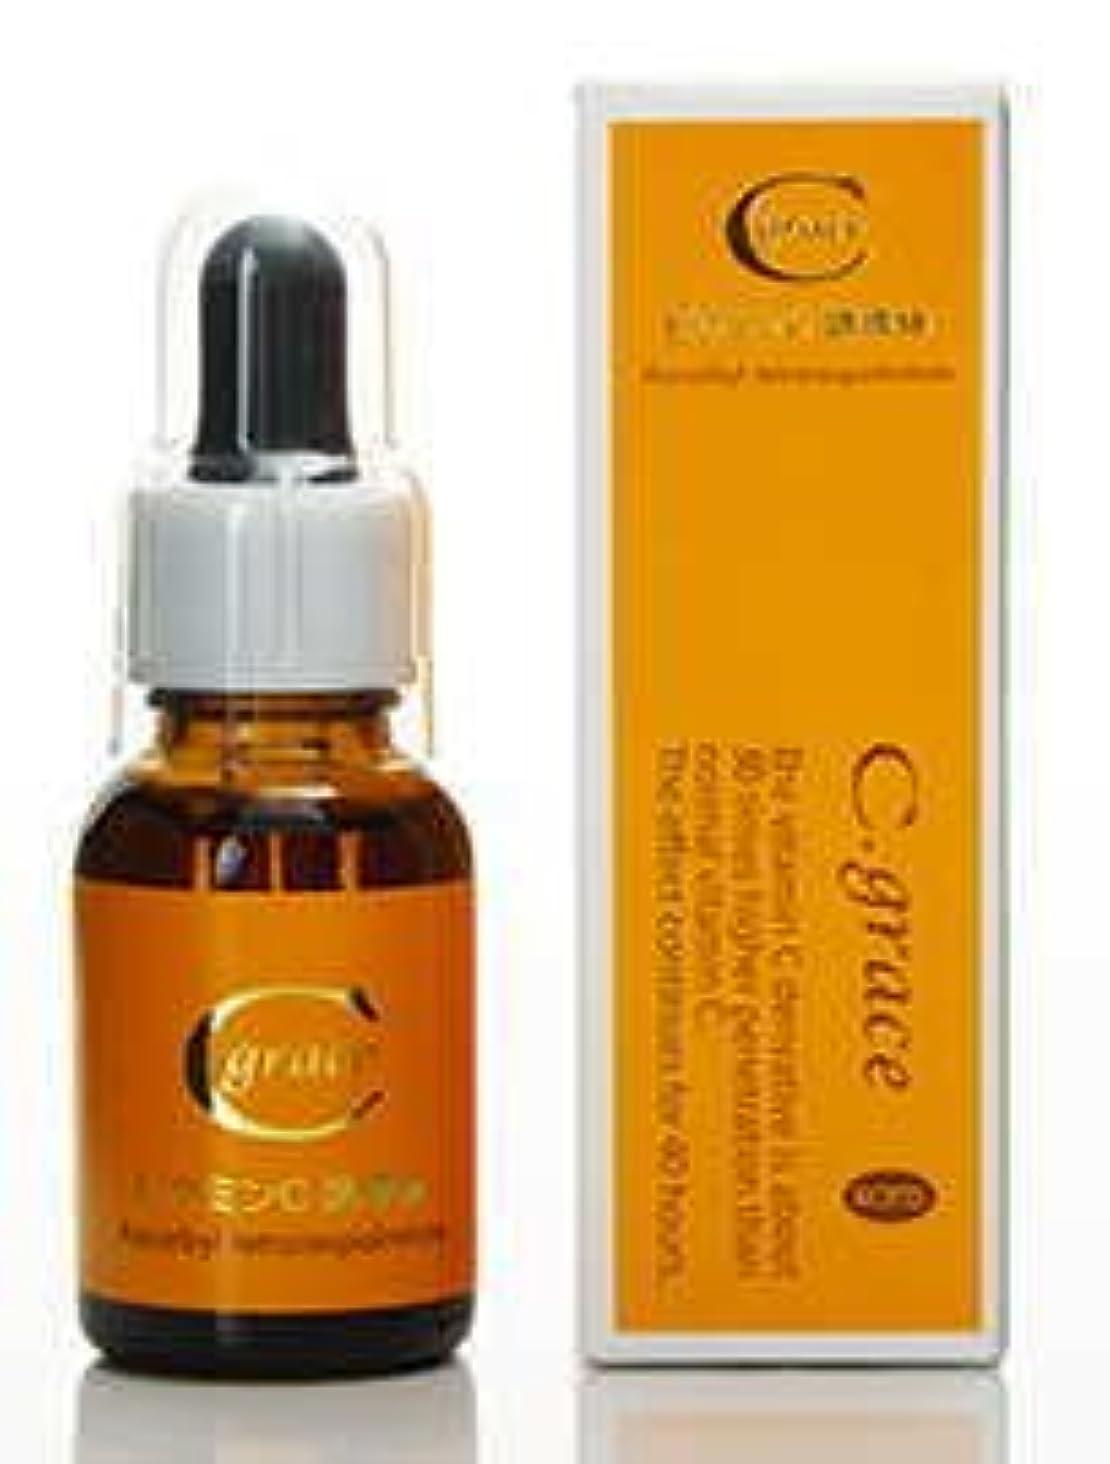 吐く形状約束するC-grace(美容ビタミンCオイル)/20mL 送料無料